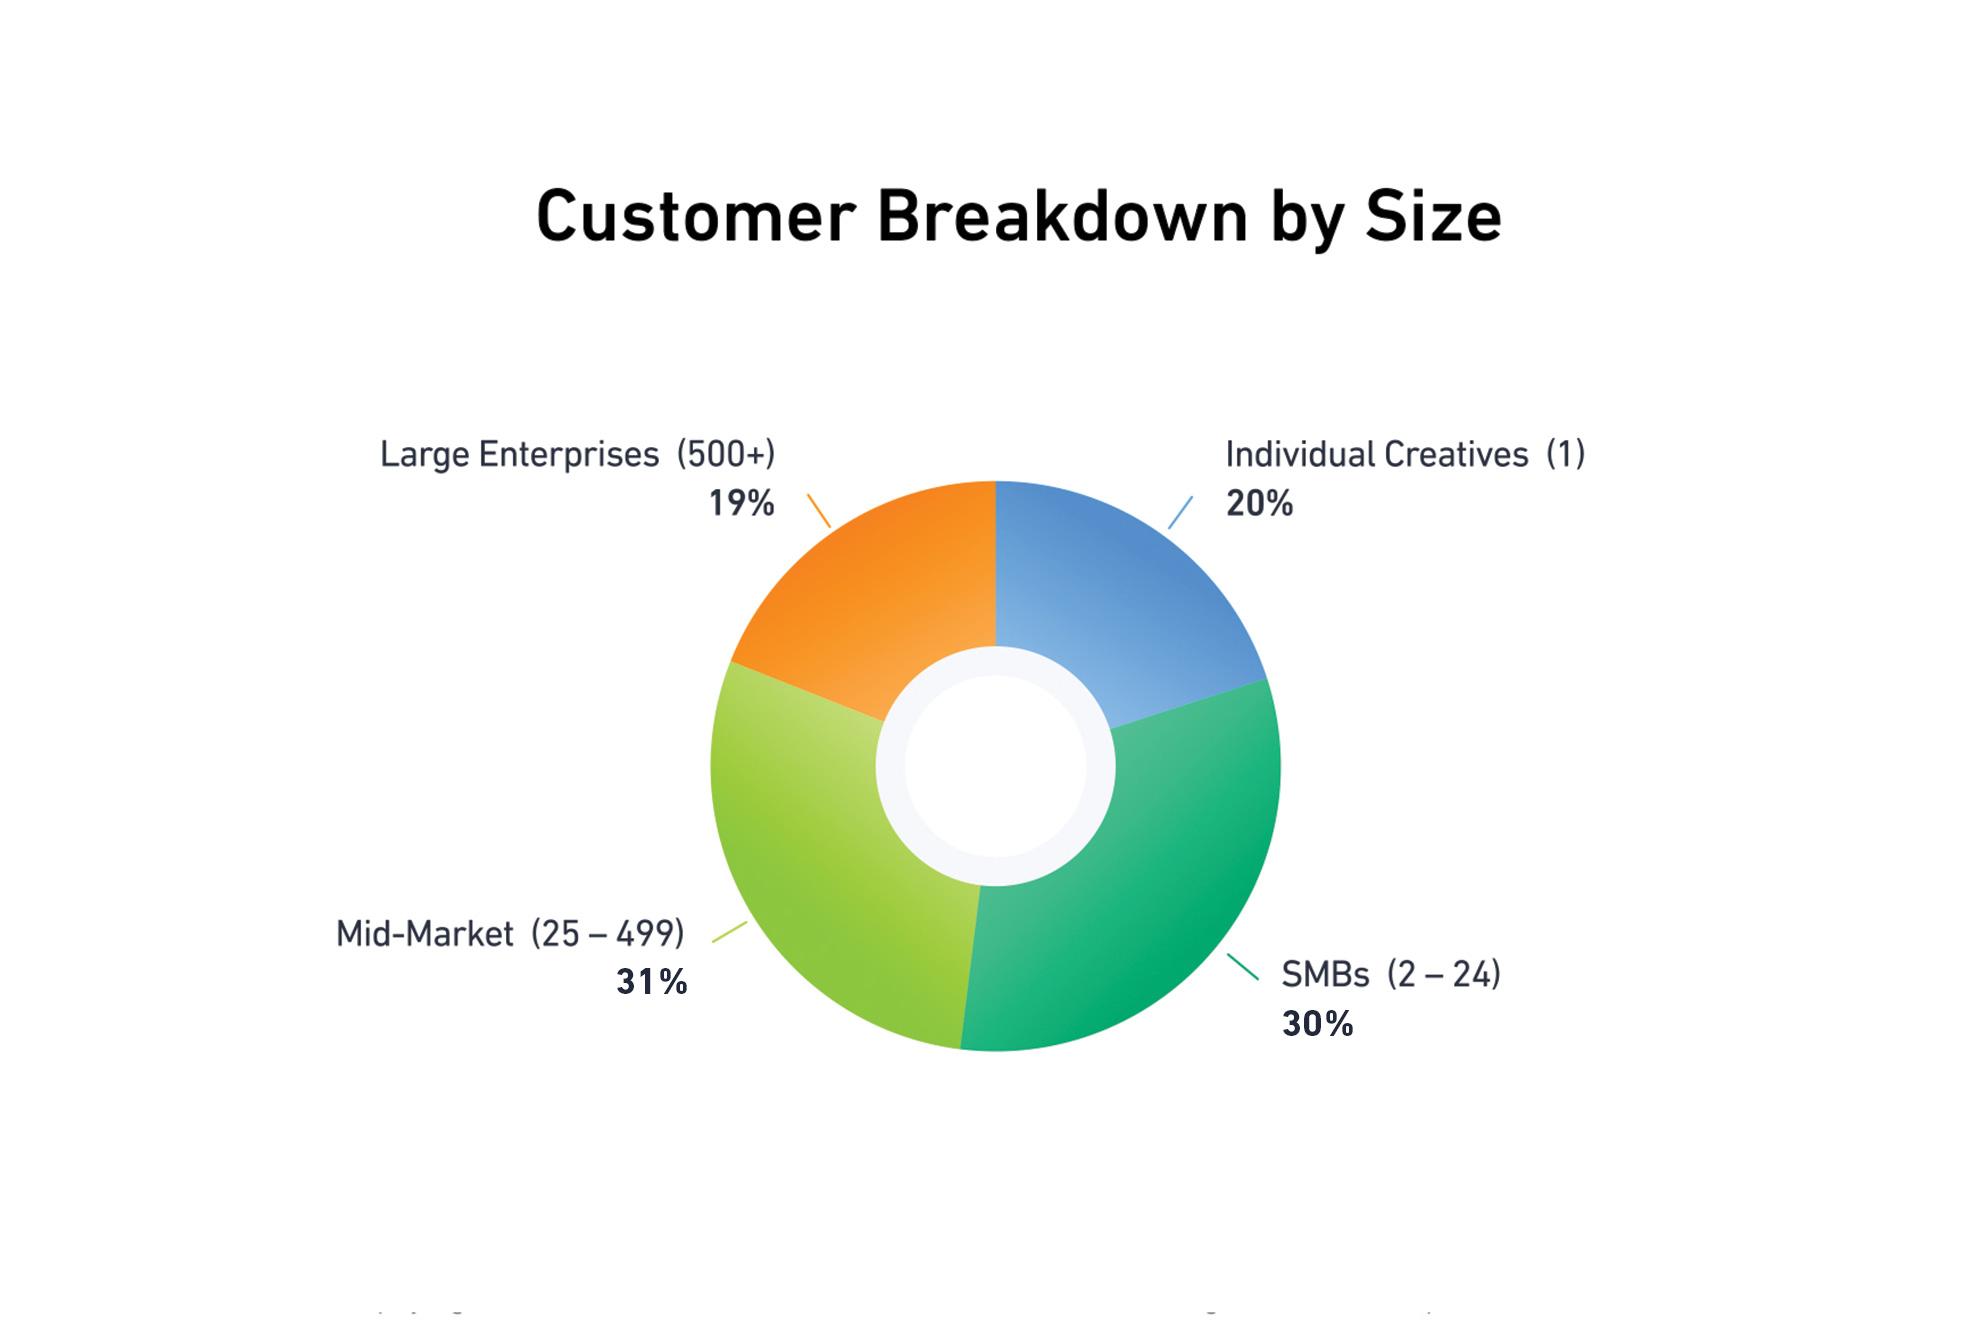 Customer Breakdown by Size